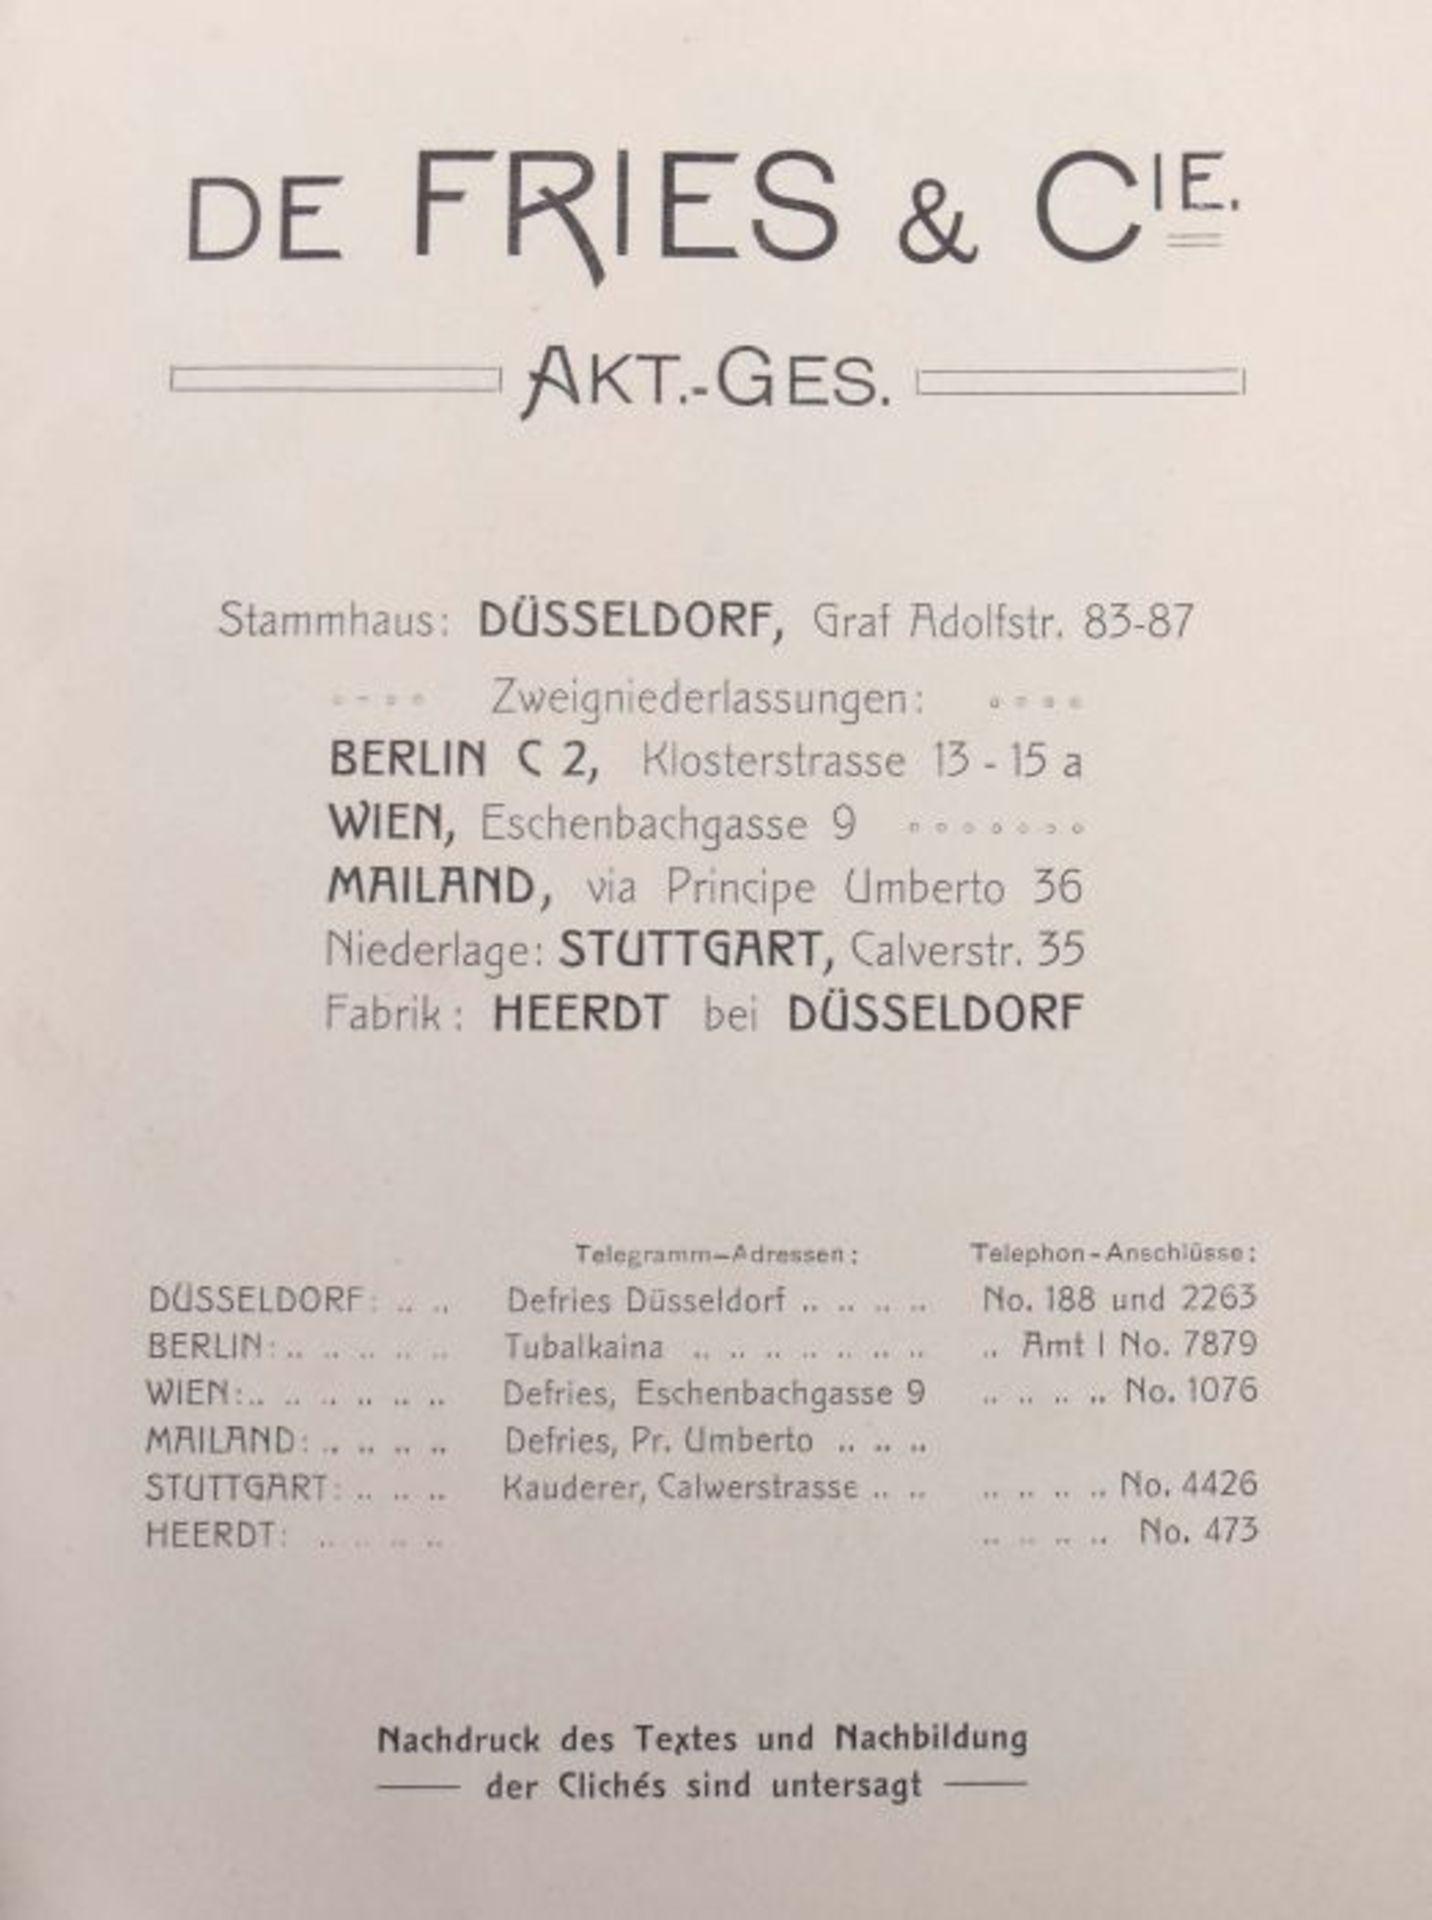 De Fries & Cie AG, Düsseldorf Hauptkatalog der Werkzeuge und Bedarfsartikel, 1901, 799 S. mit - Bild 2 aus 3